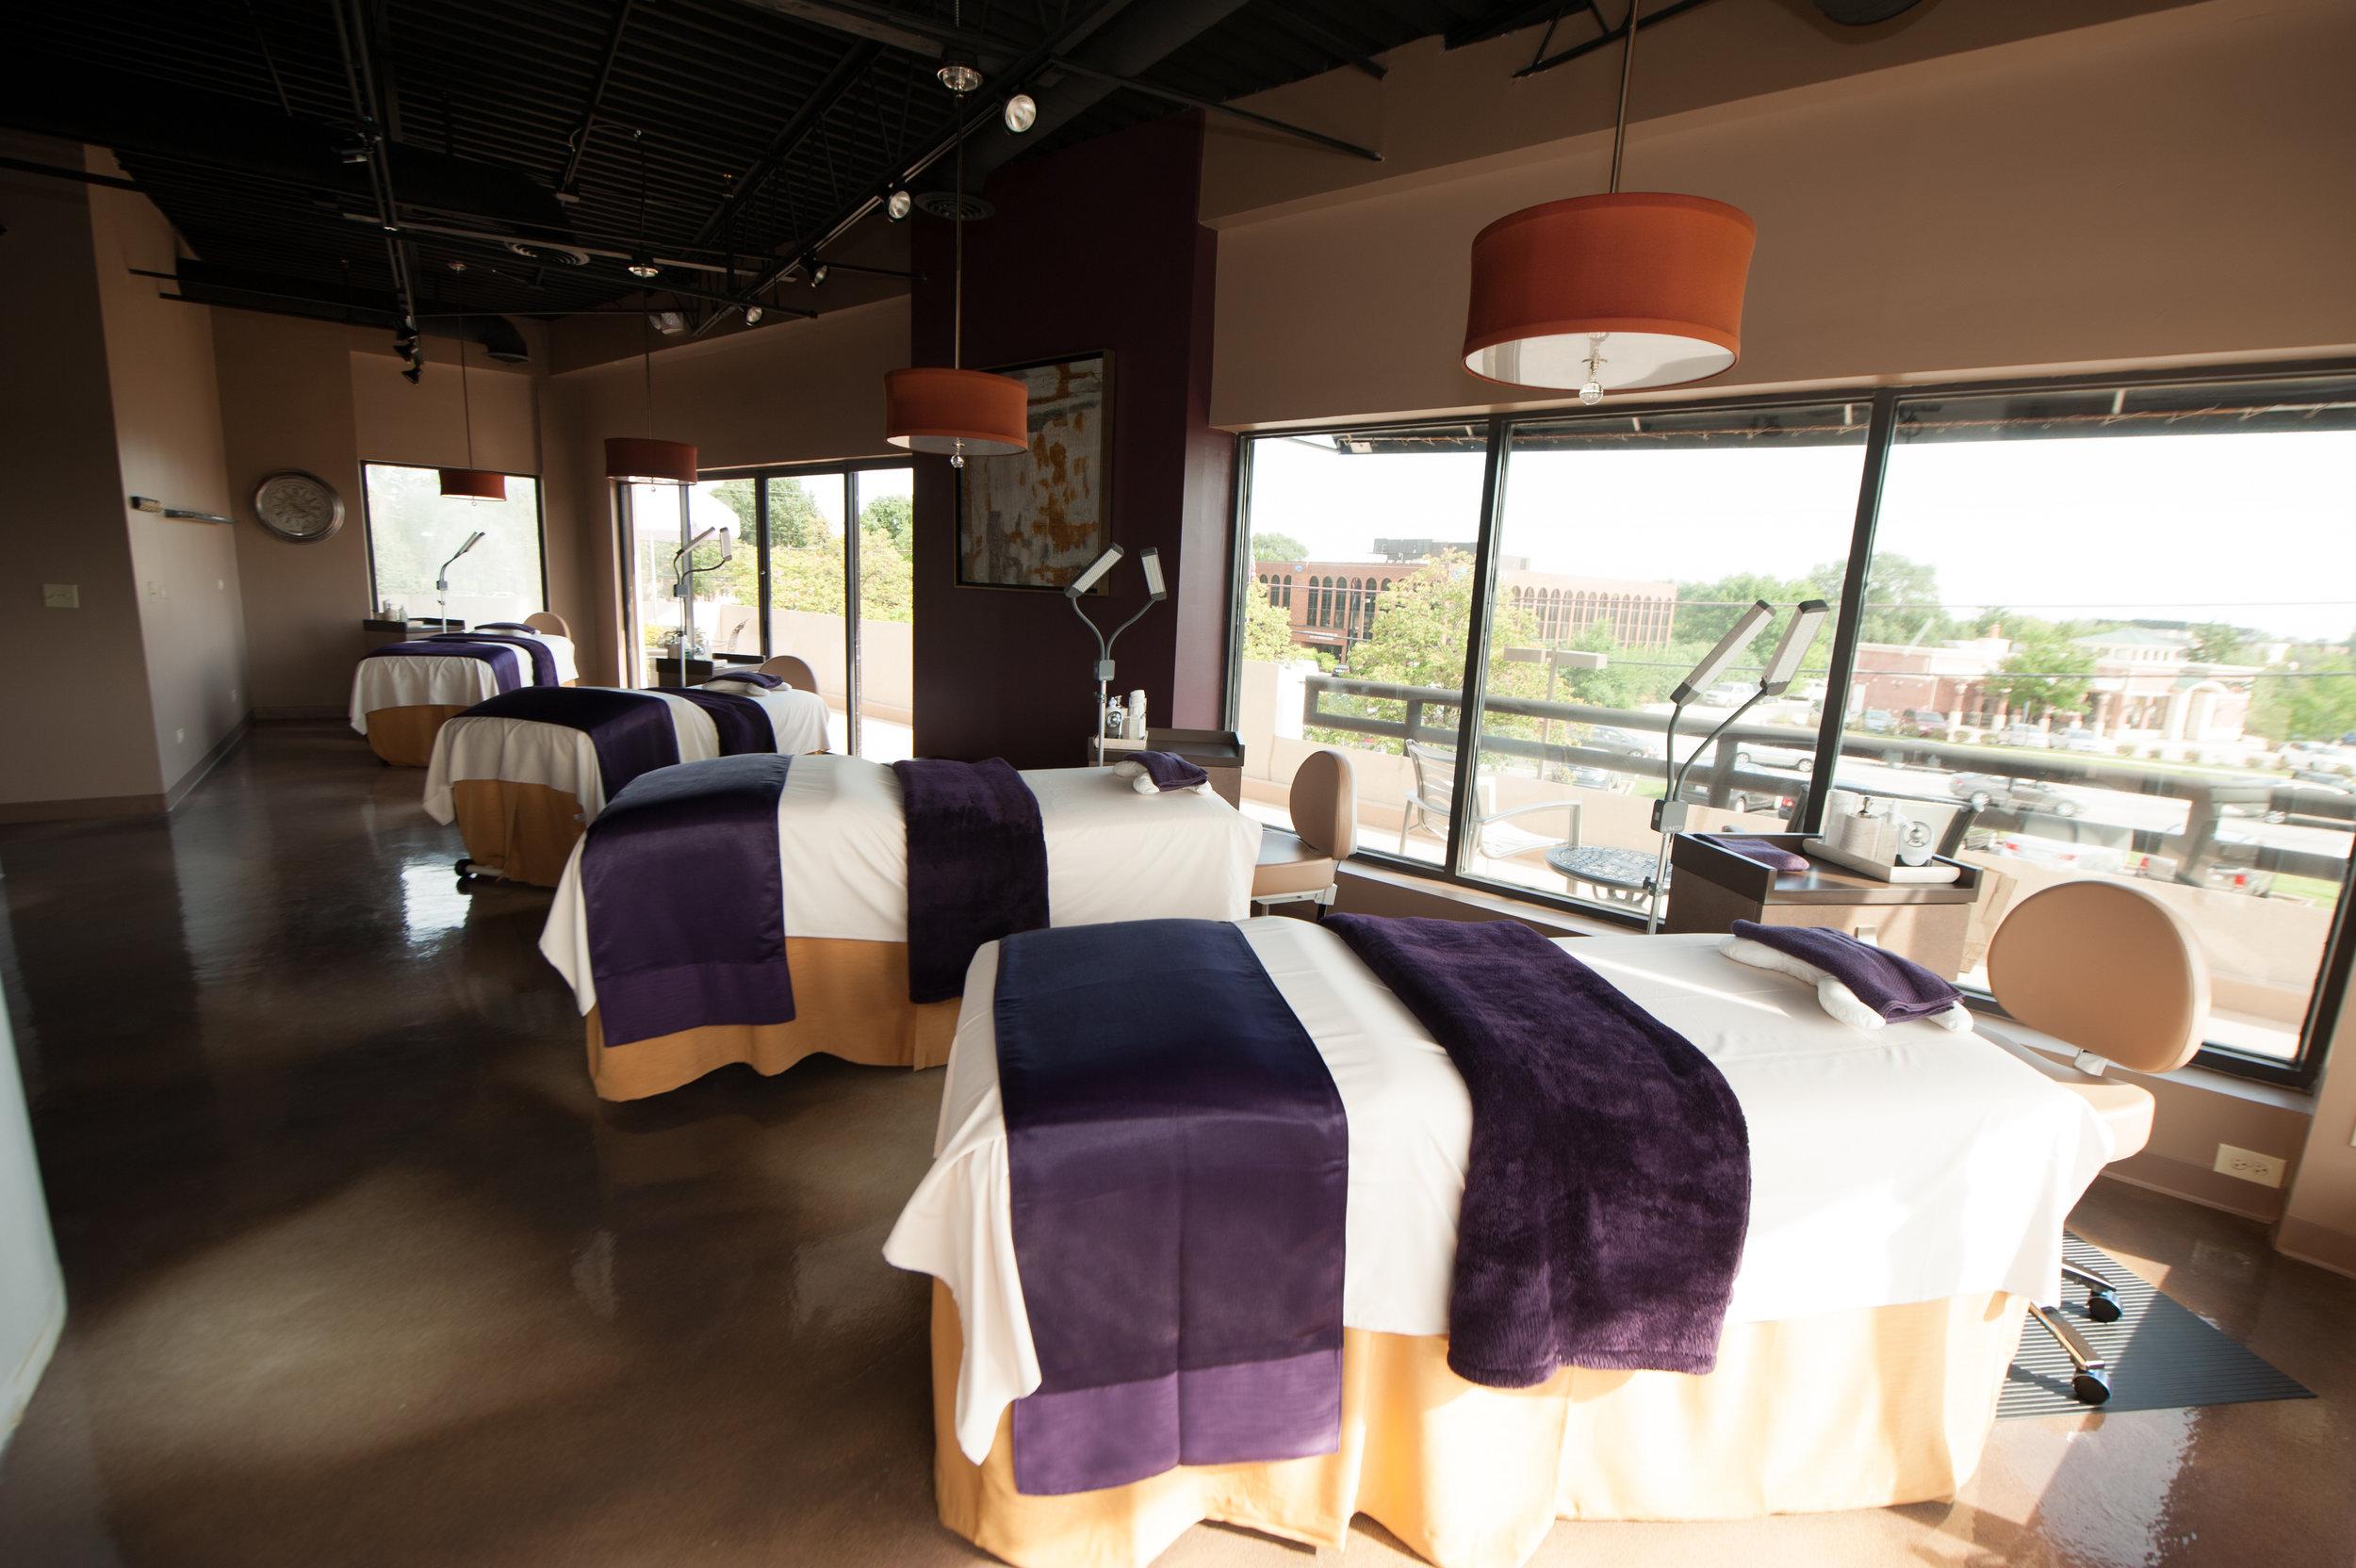 studio beds.jpg